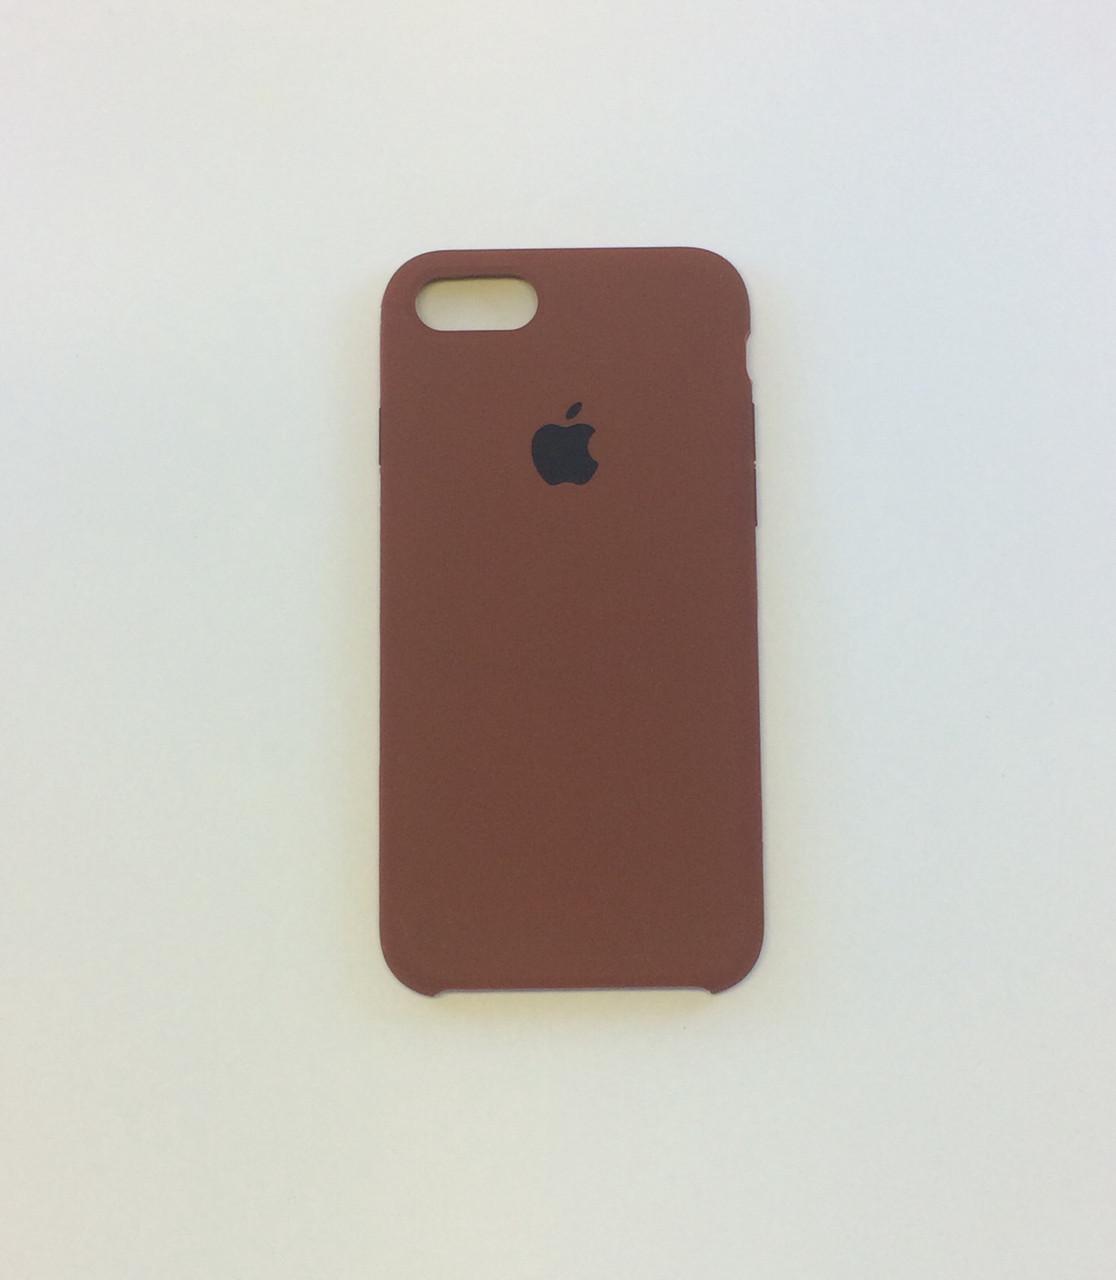 Силиконовый чехол для iPhone 8, - «шоколад» №47 - copy original